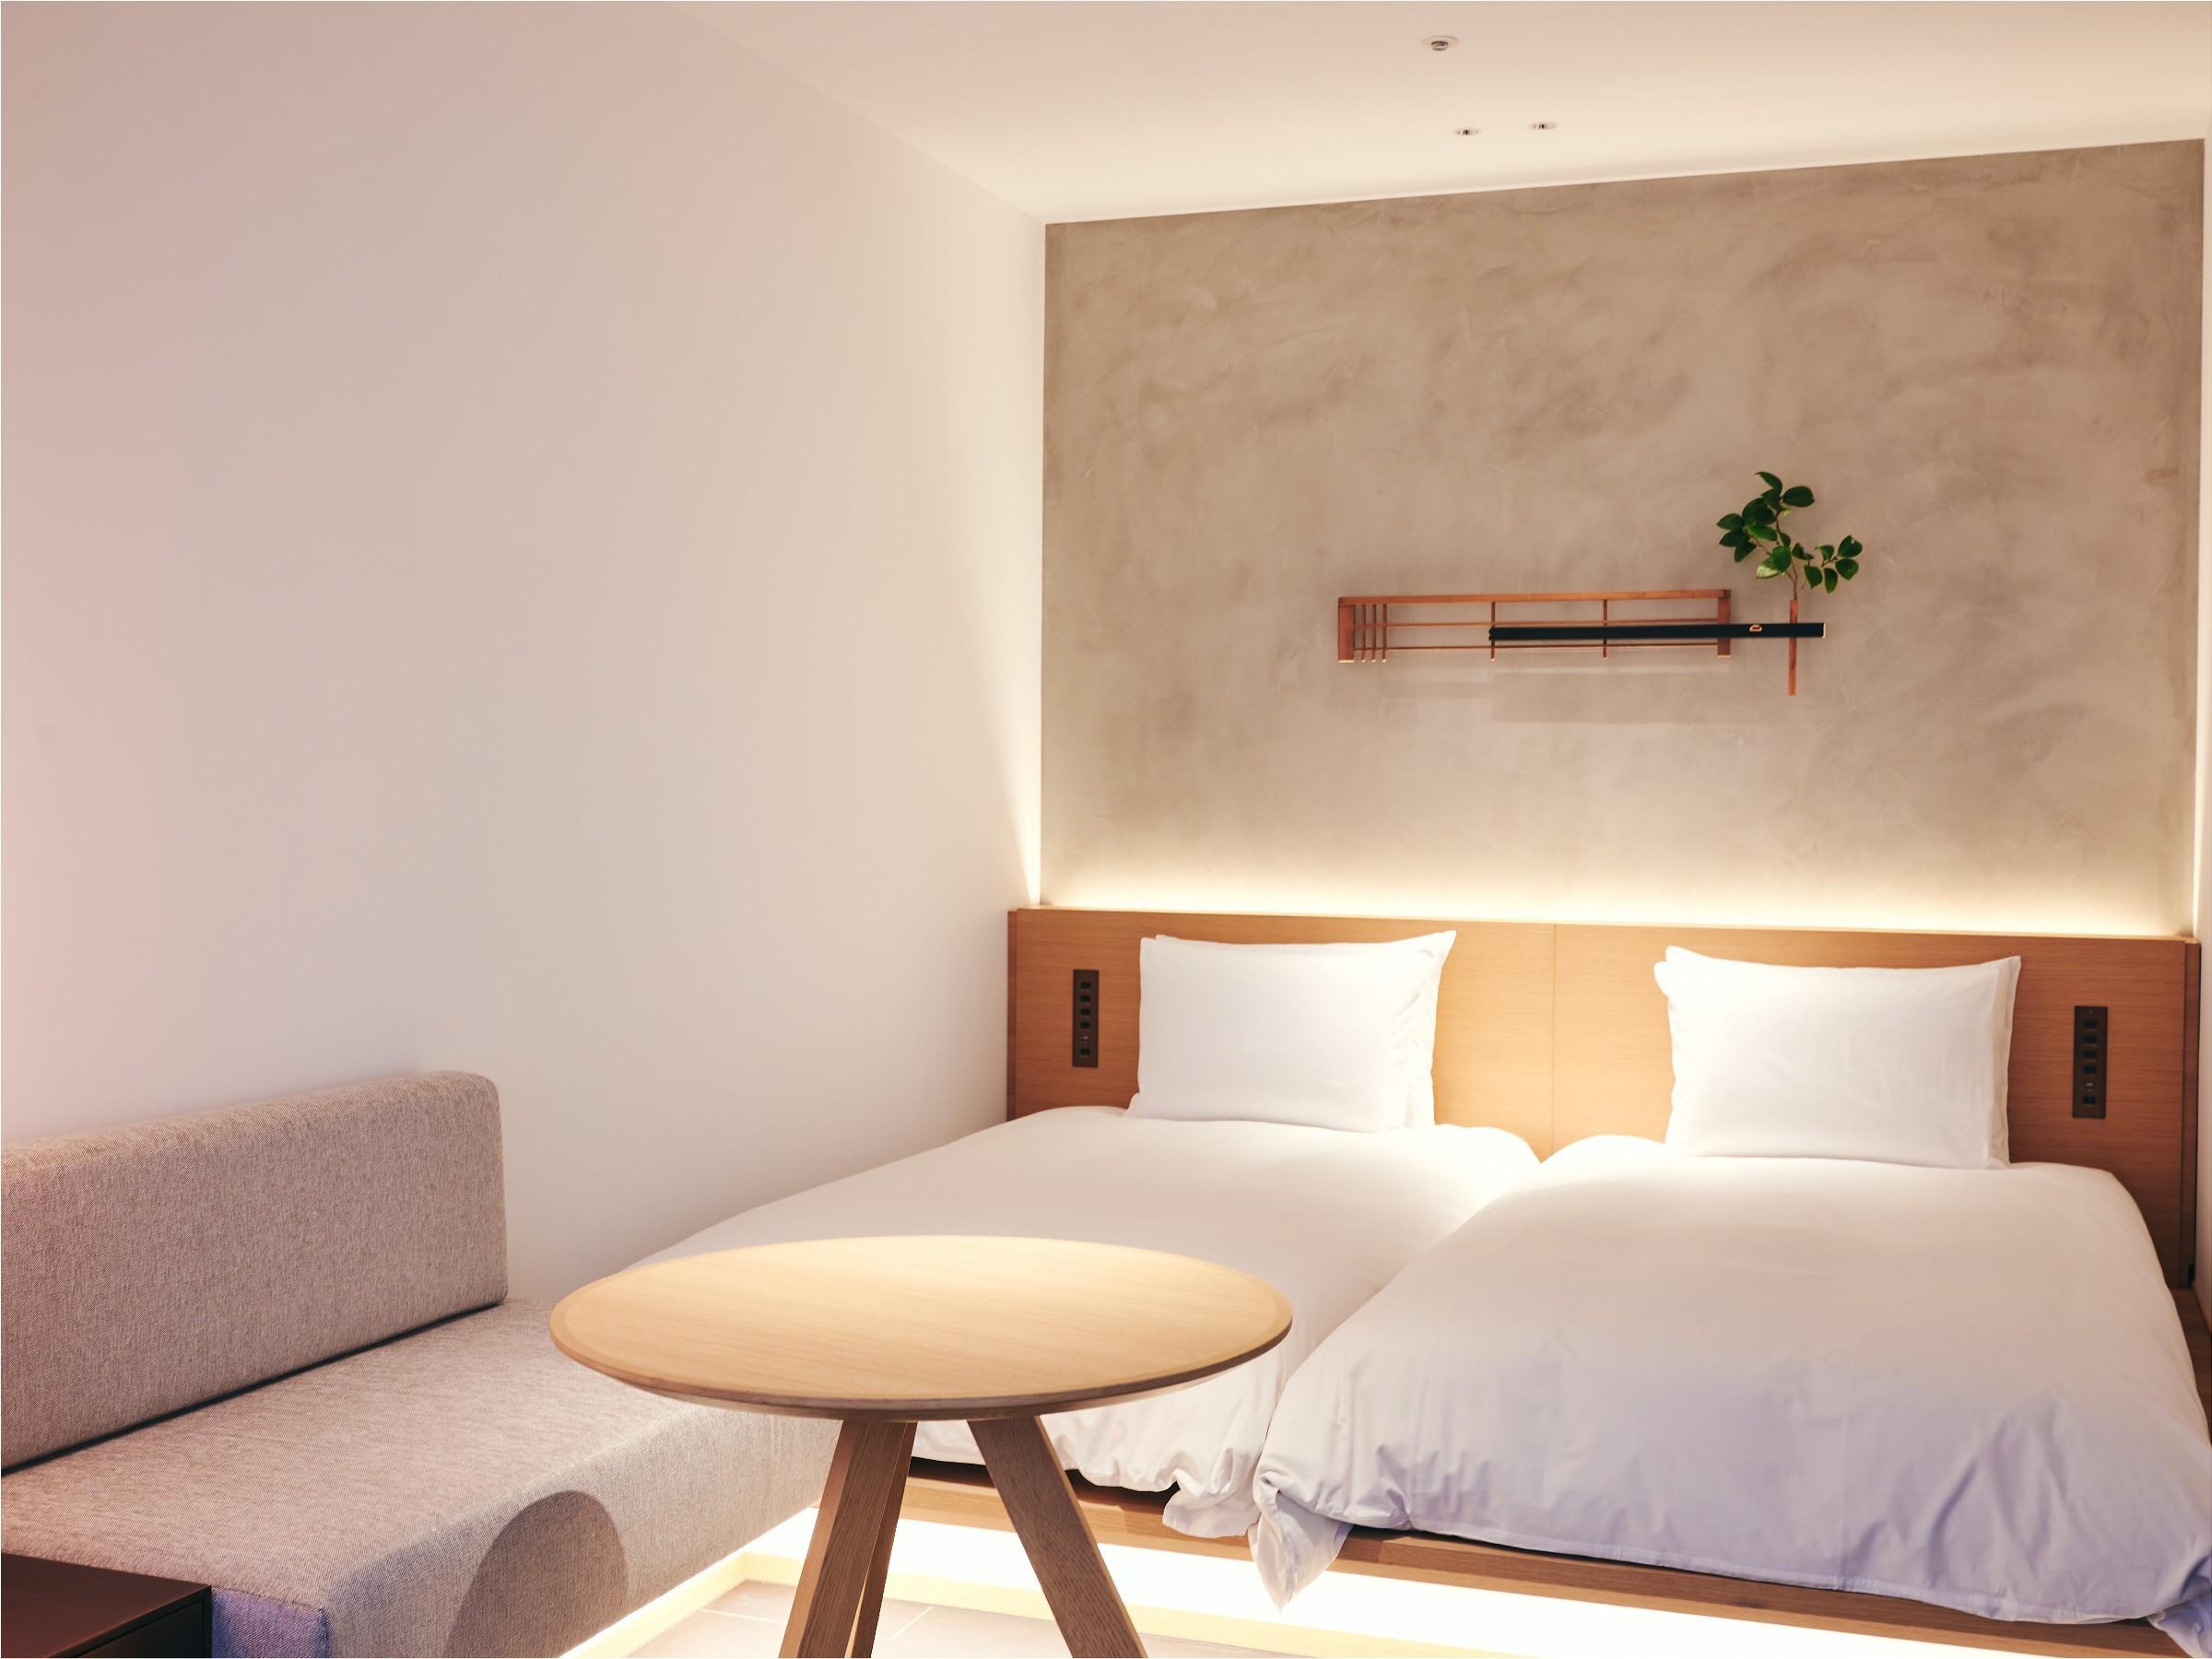 Tsuboyu Superior/コンパクトながらも機能的なお部屋です